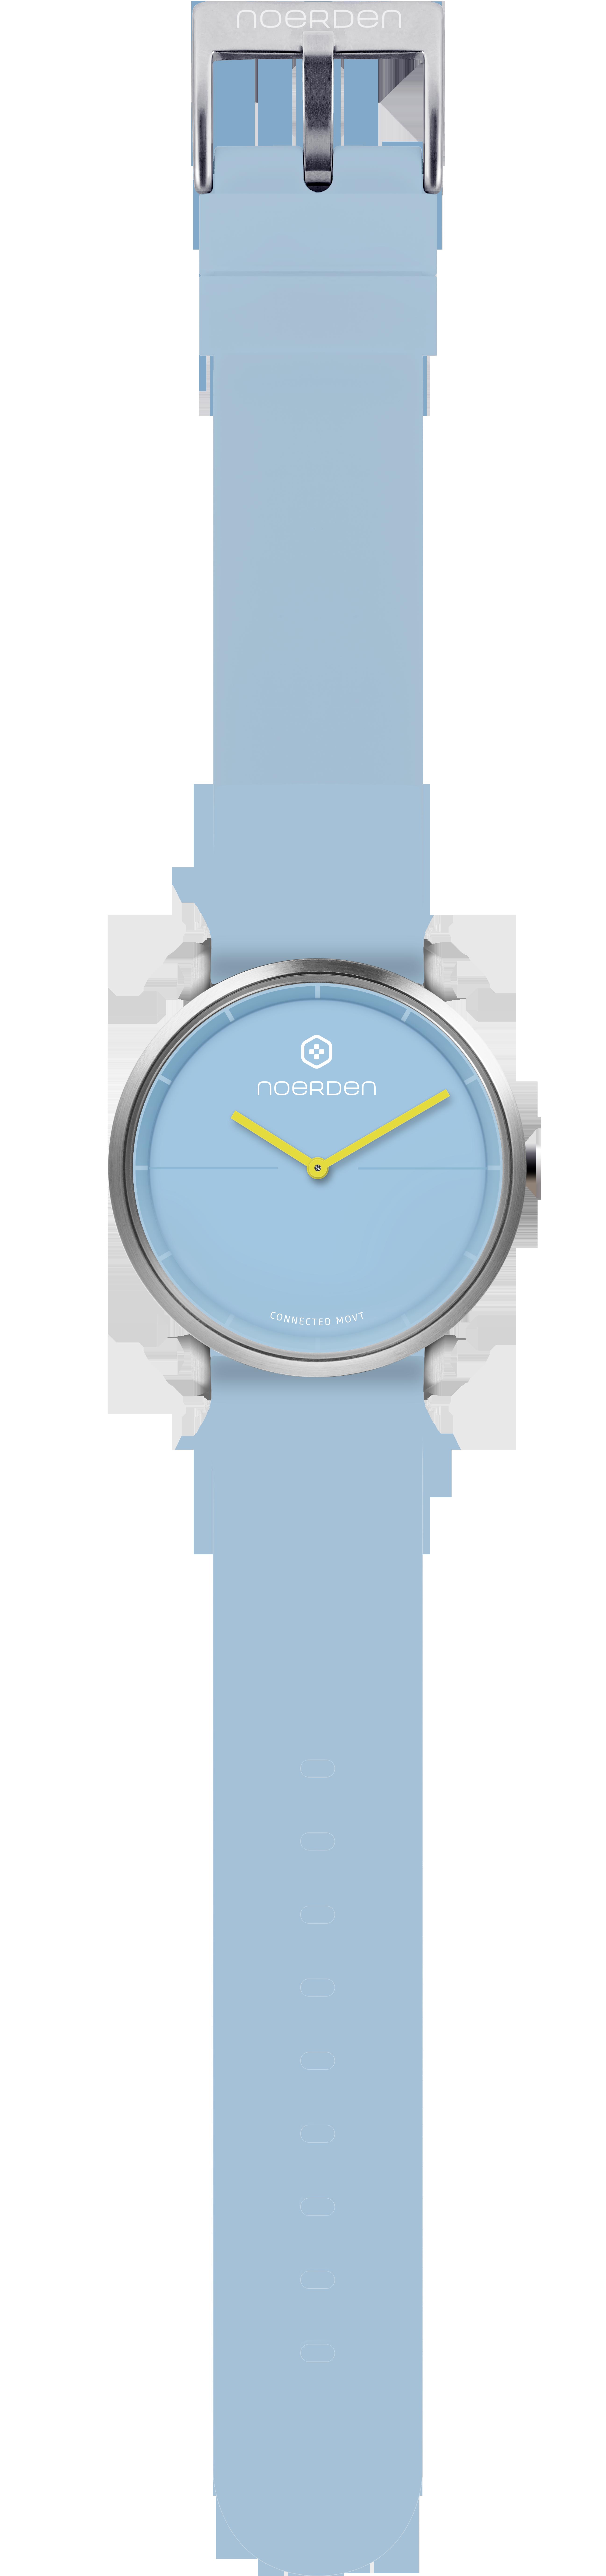 NOERDEN LIFE2 BLUE + dāvanā papildus siksniņa Viedais pulkstenis, smartwatch